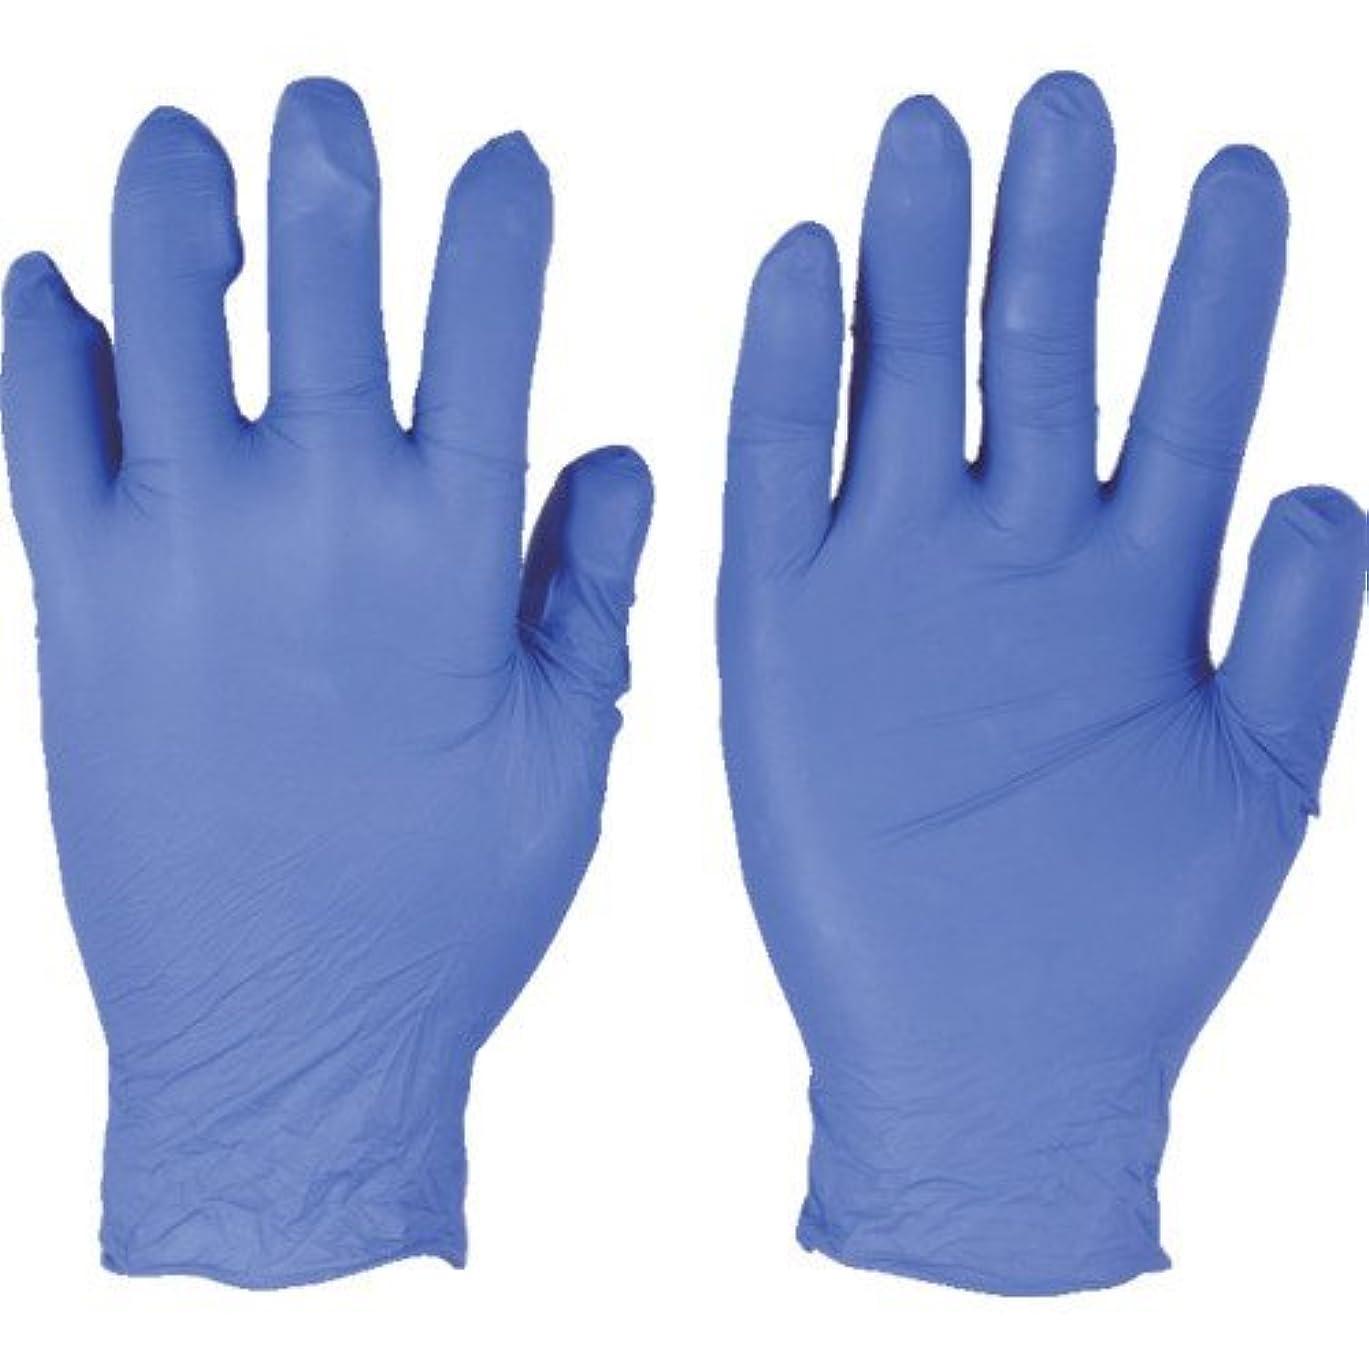 大使不一致化学トラスコ中山 アンセル ニトリルゴム使い捨て手袋 エッジ 82-133 Lサイズ(300枚入り)  (300枚入) 821339